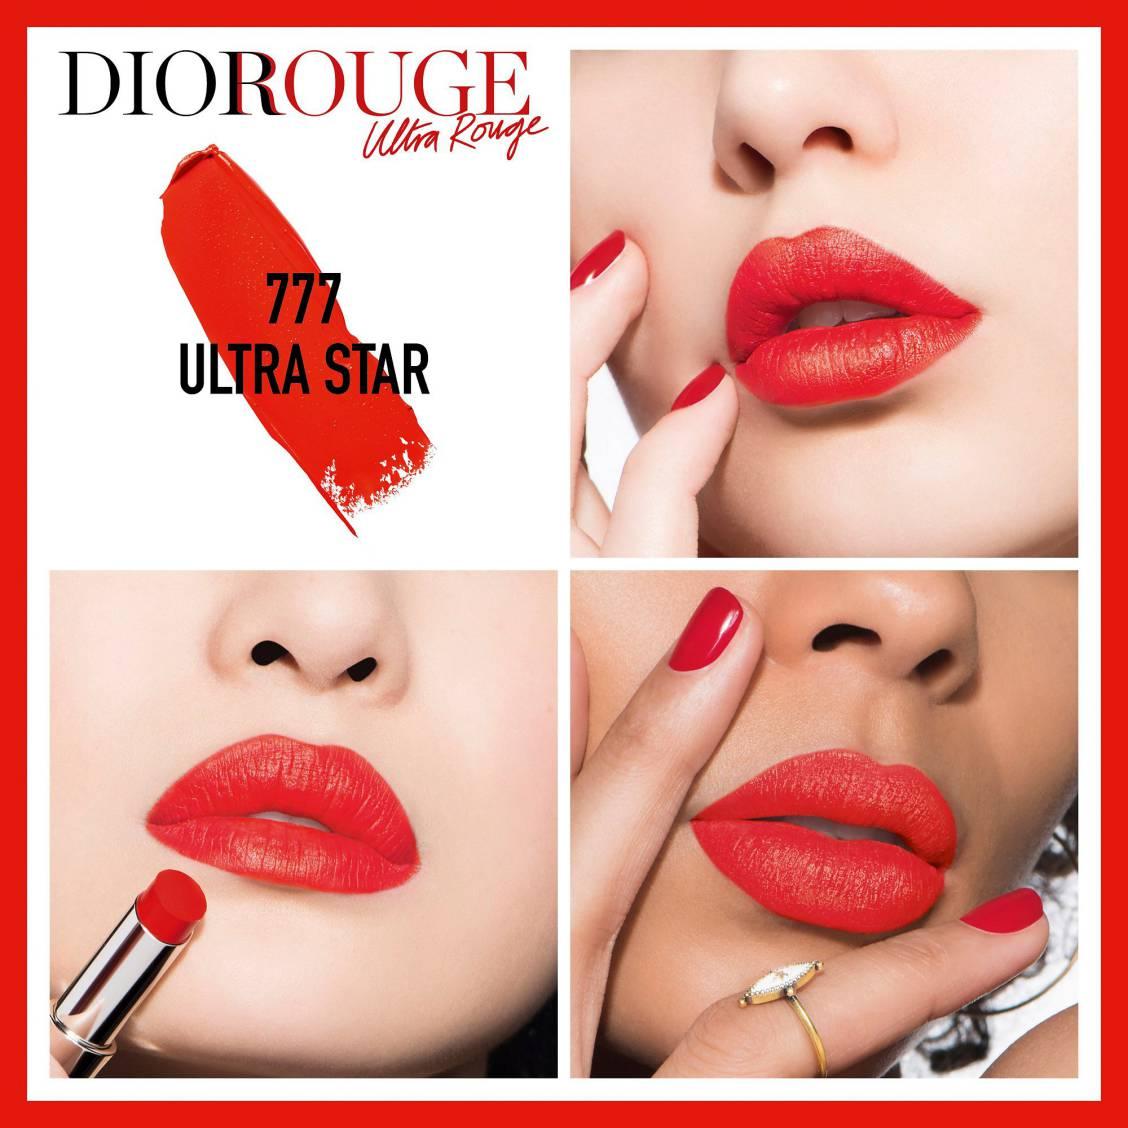 Son Dior Ultra Rouge 777 Ultra star màu đỏ cam tươi trẻ, quyến rũ